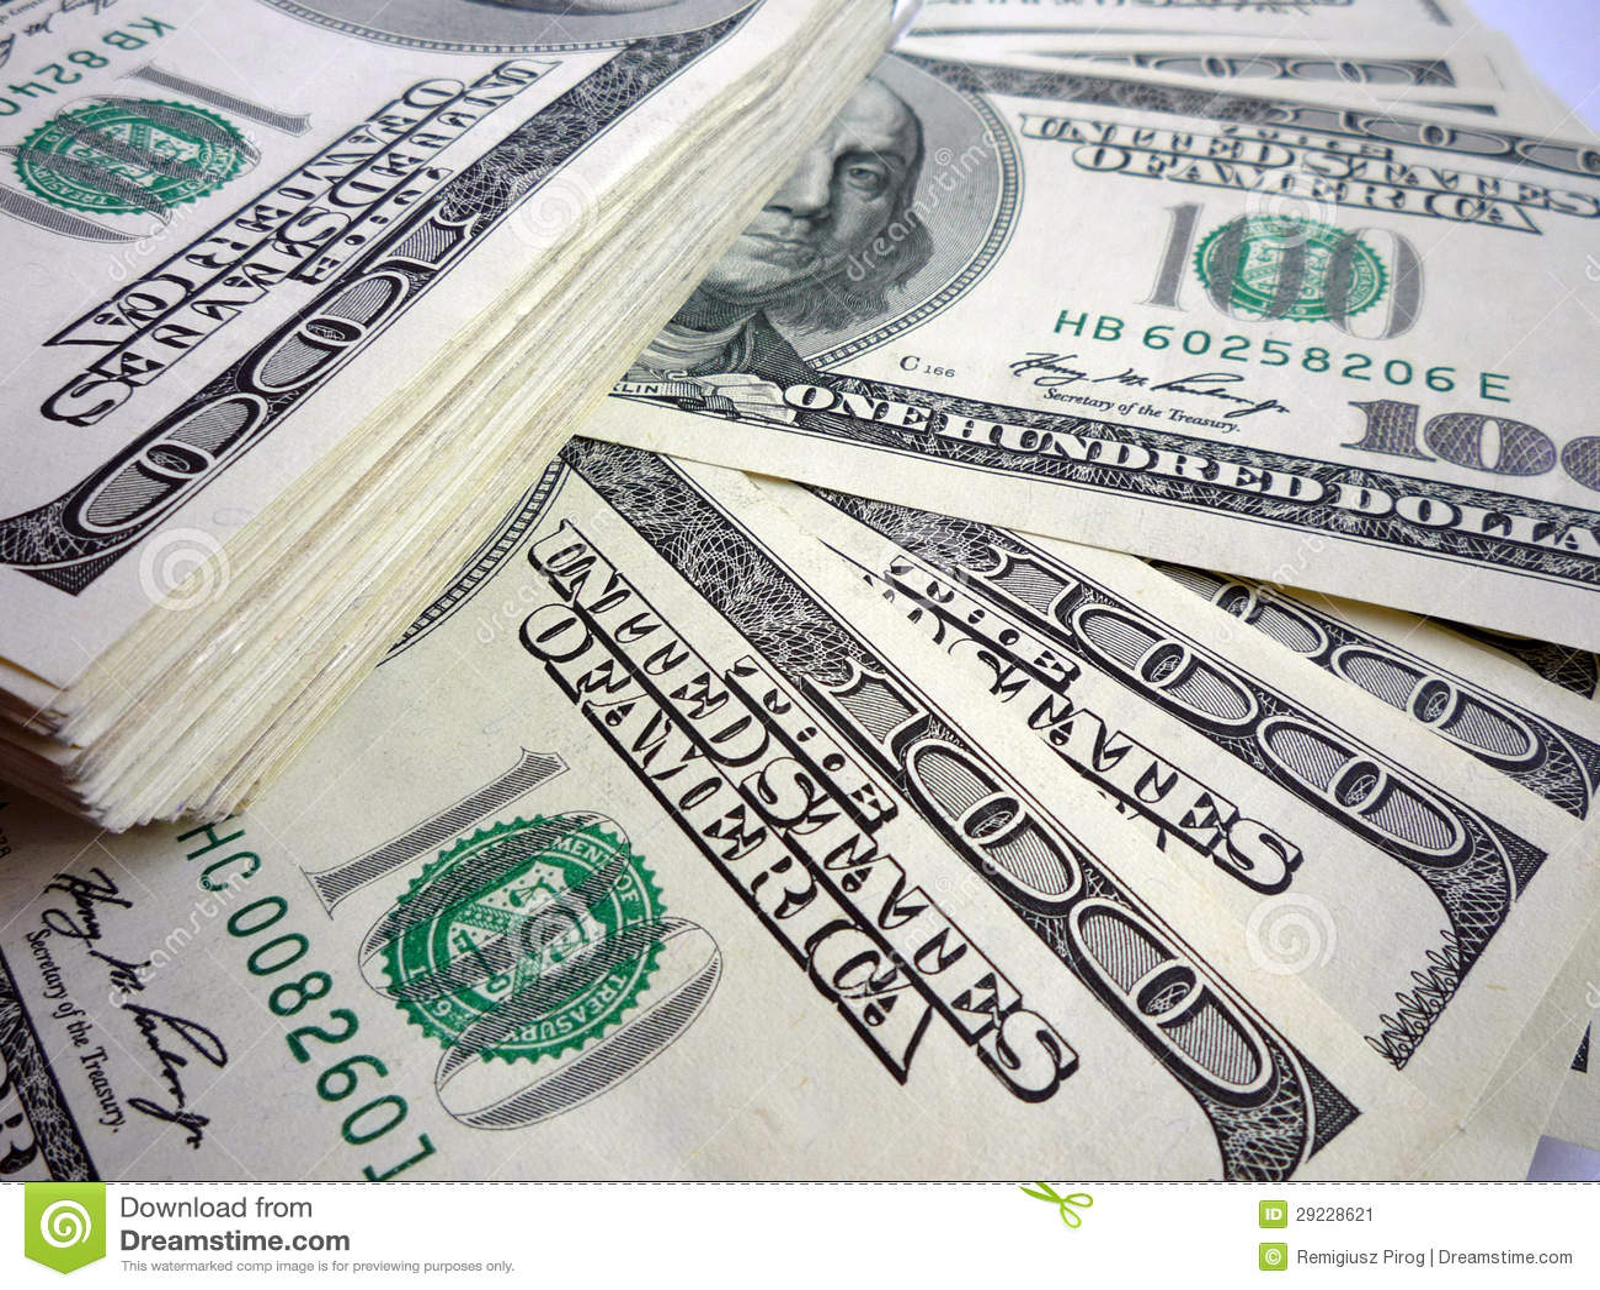 Download Dinheiro imagem de stock. Imagem de finanças, banking - 29228621